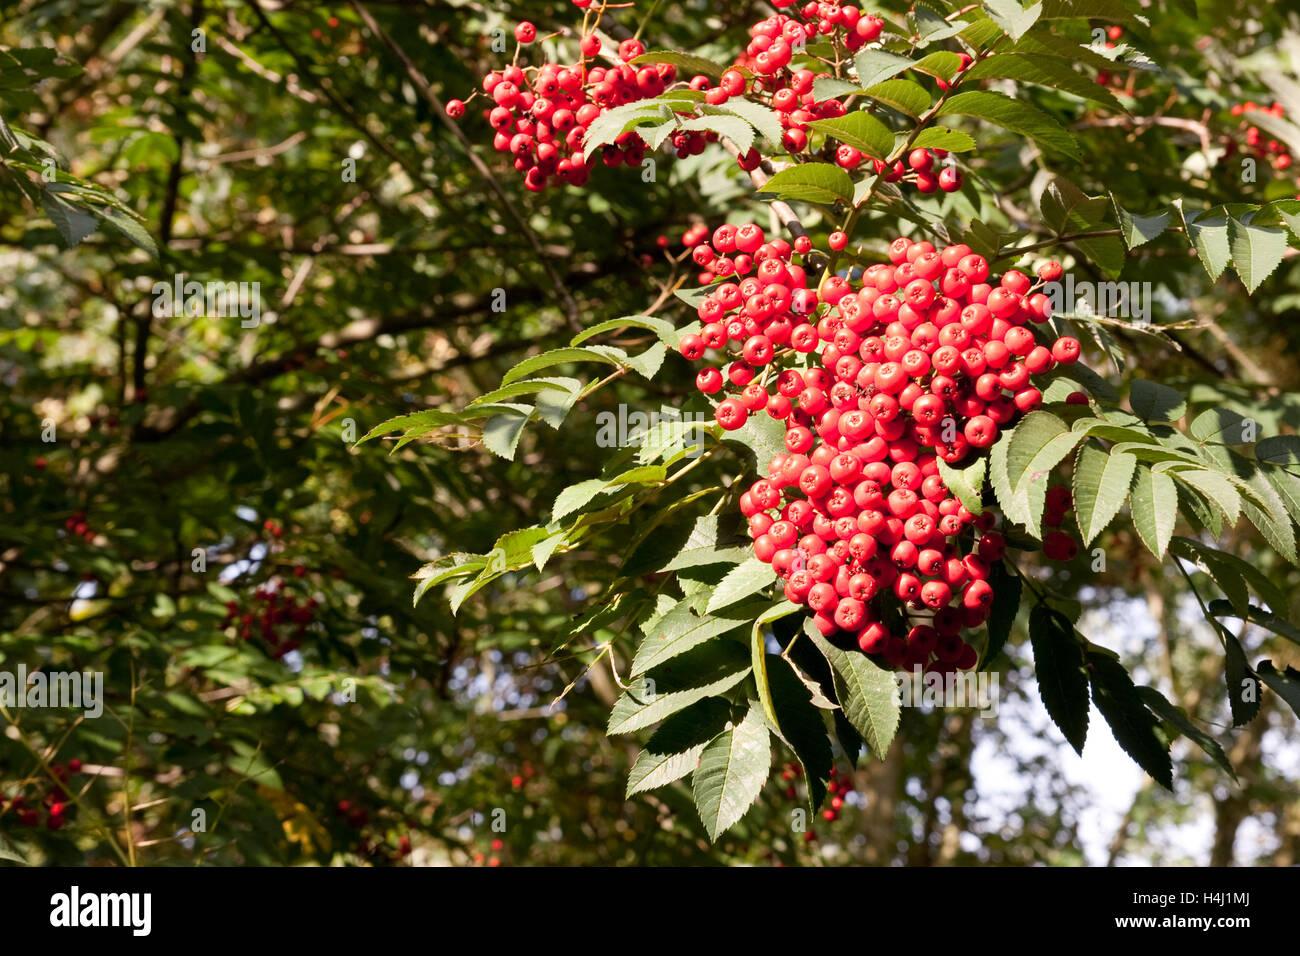 Albero Con Bacche Rosse sorbus aucuparia albero con bacche rosse autunno regno unito